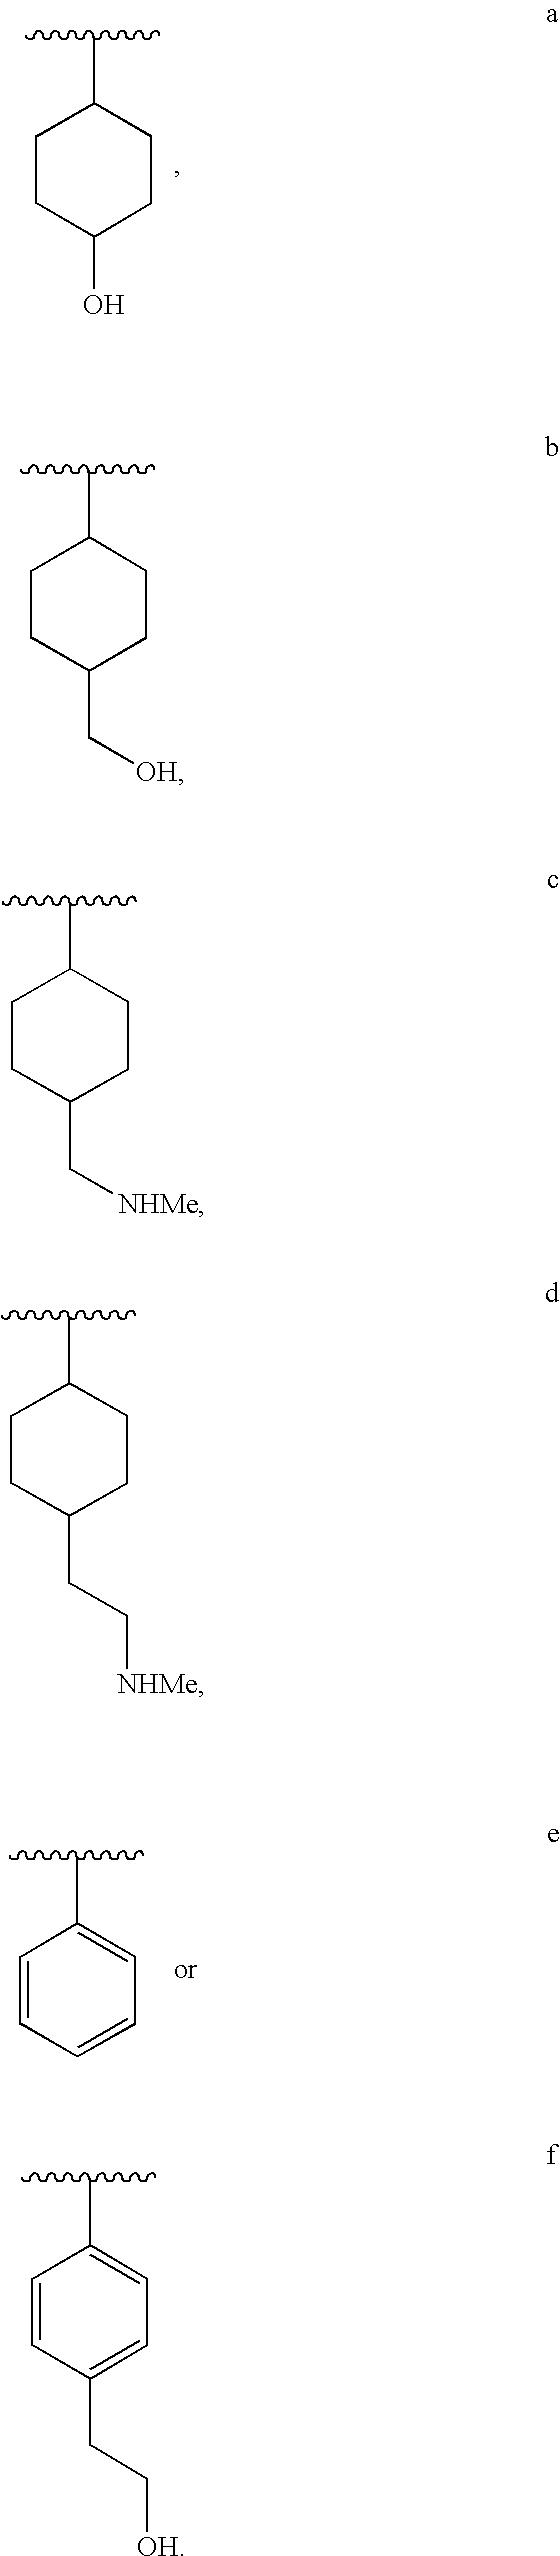 Figure US07132438-20061107-C00003